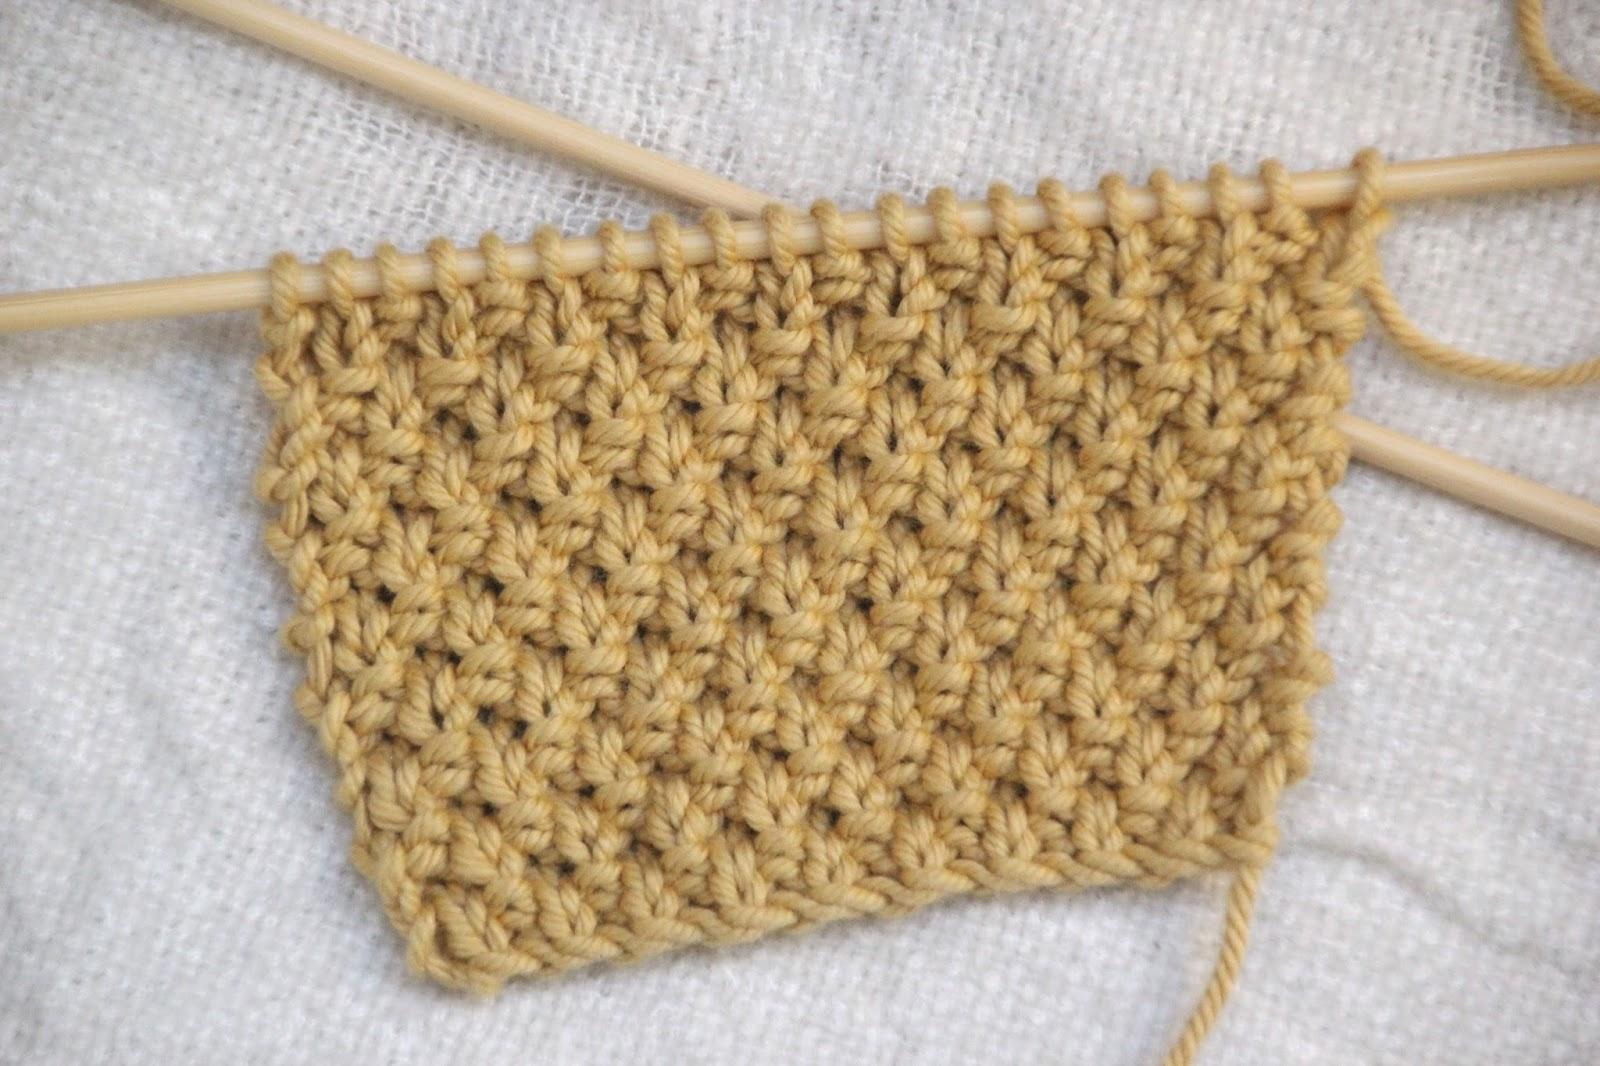 Maquina de coser buscar como hacer punto de ochos a dos - Tipos puntos dos agujas ...